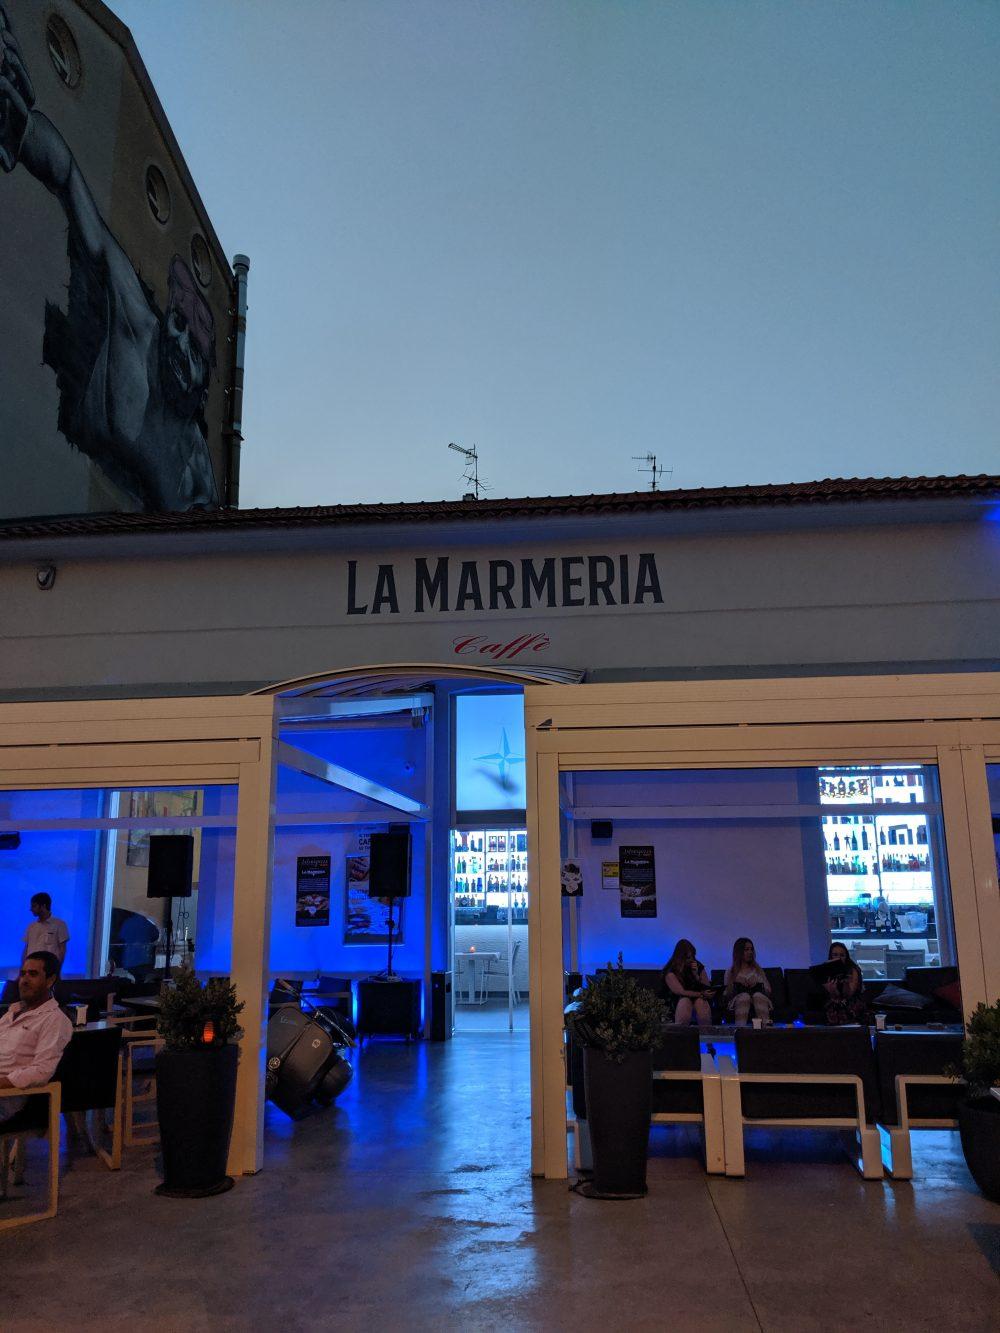 La Marmeria